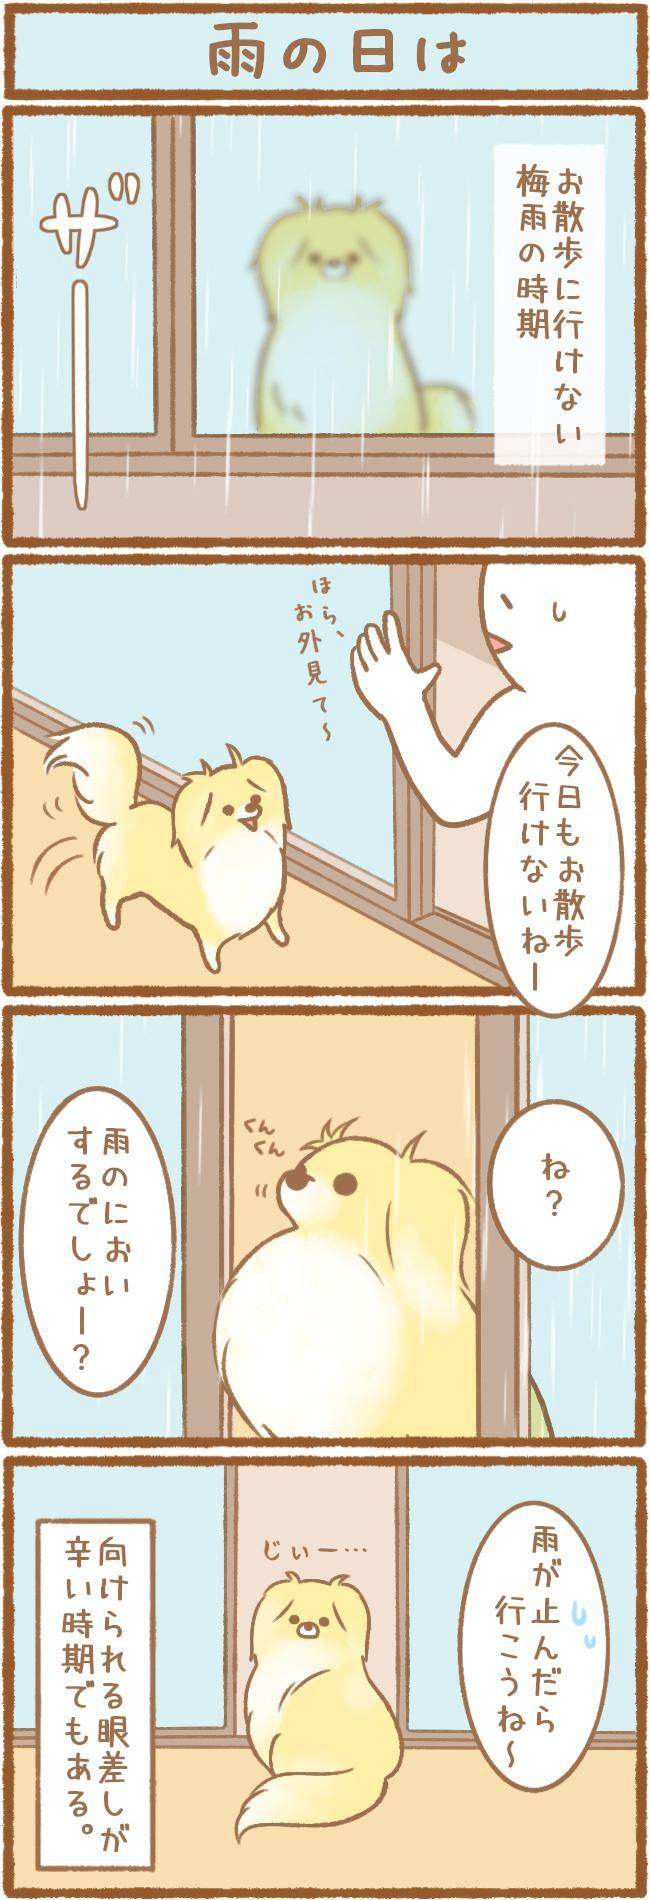 ただの犬好きです。第54話 雨の日は